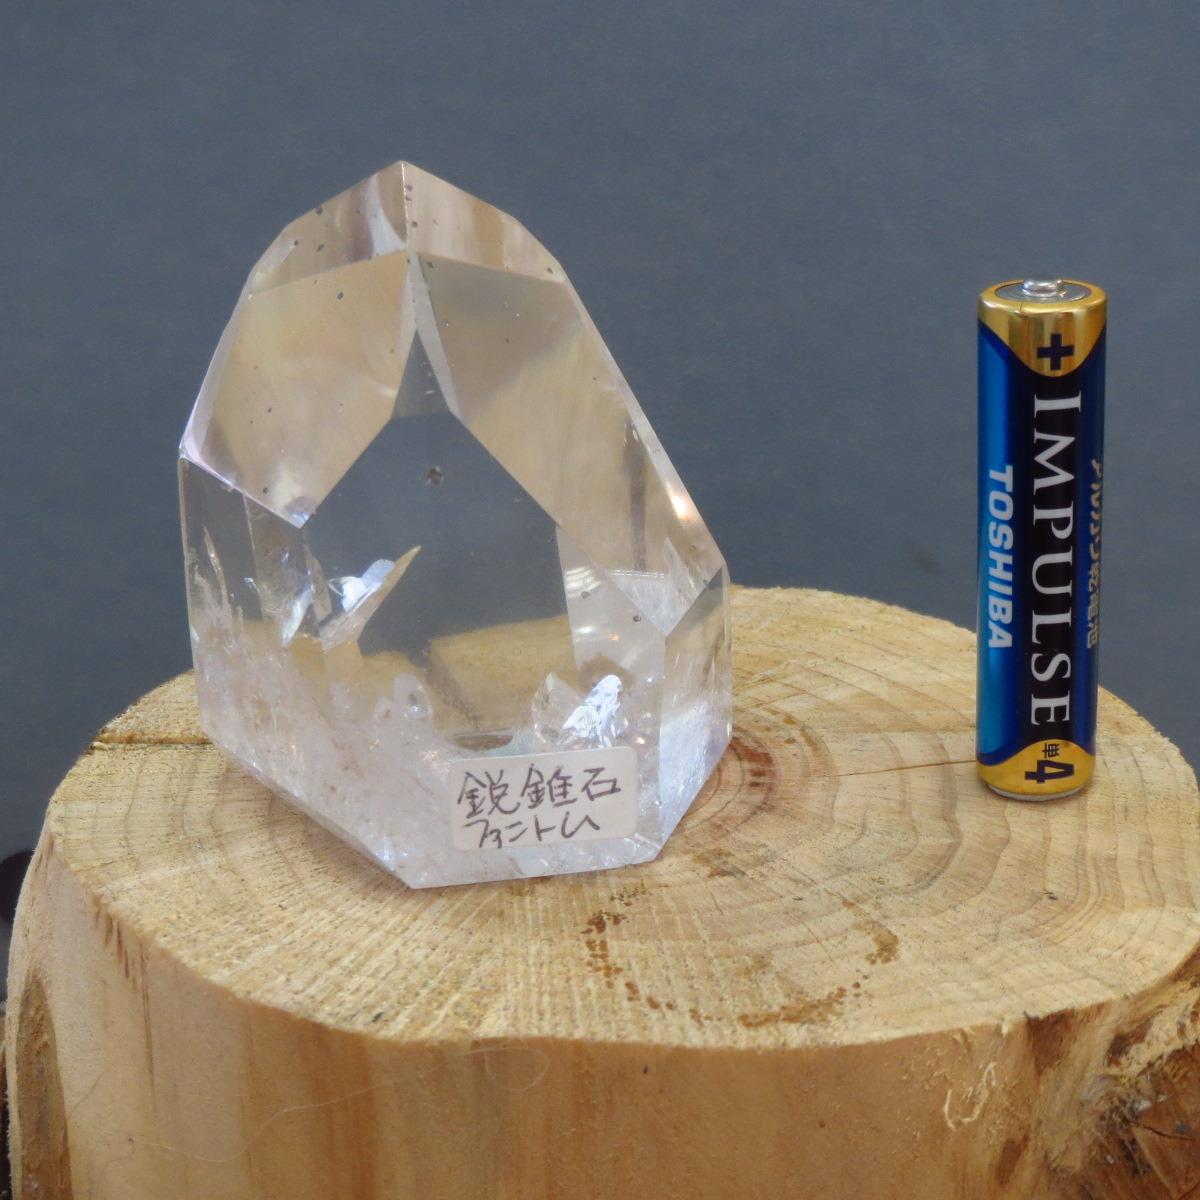 アナテース(鋭錐石)入り水晶